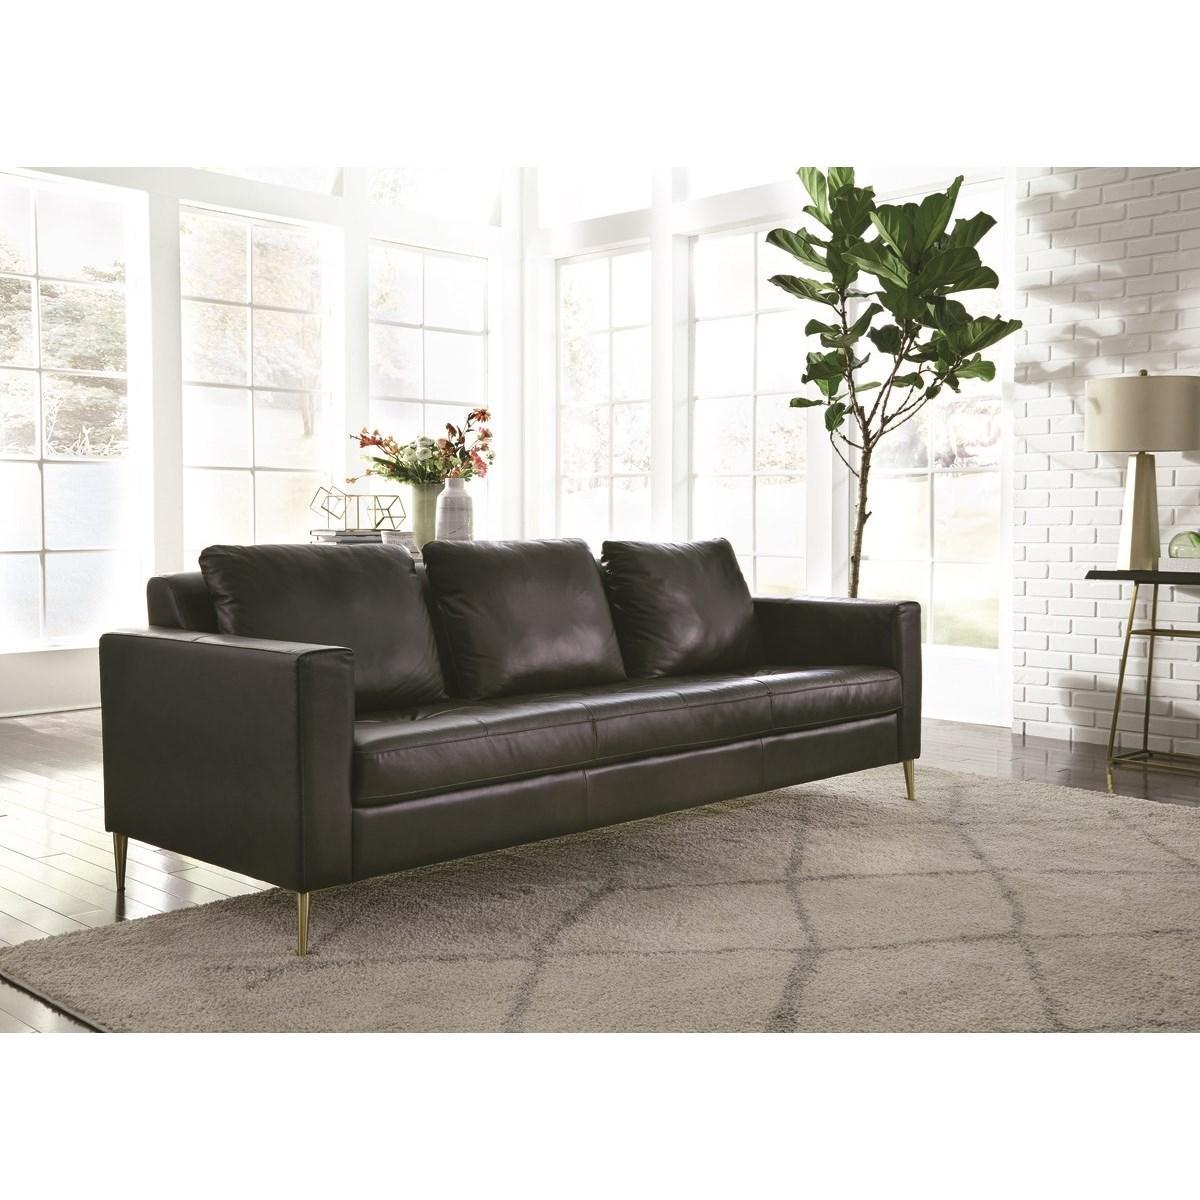 Sherbrook Sofa by Palliser at Jordan's Home Furnishings